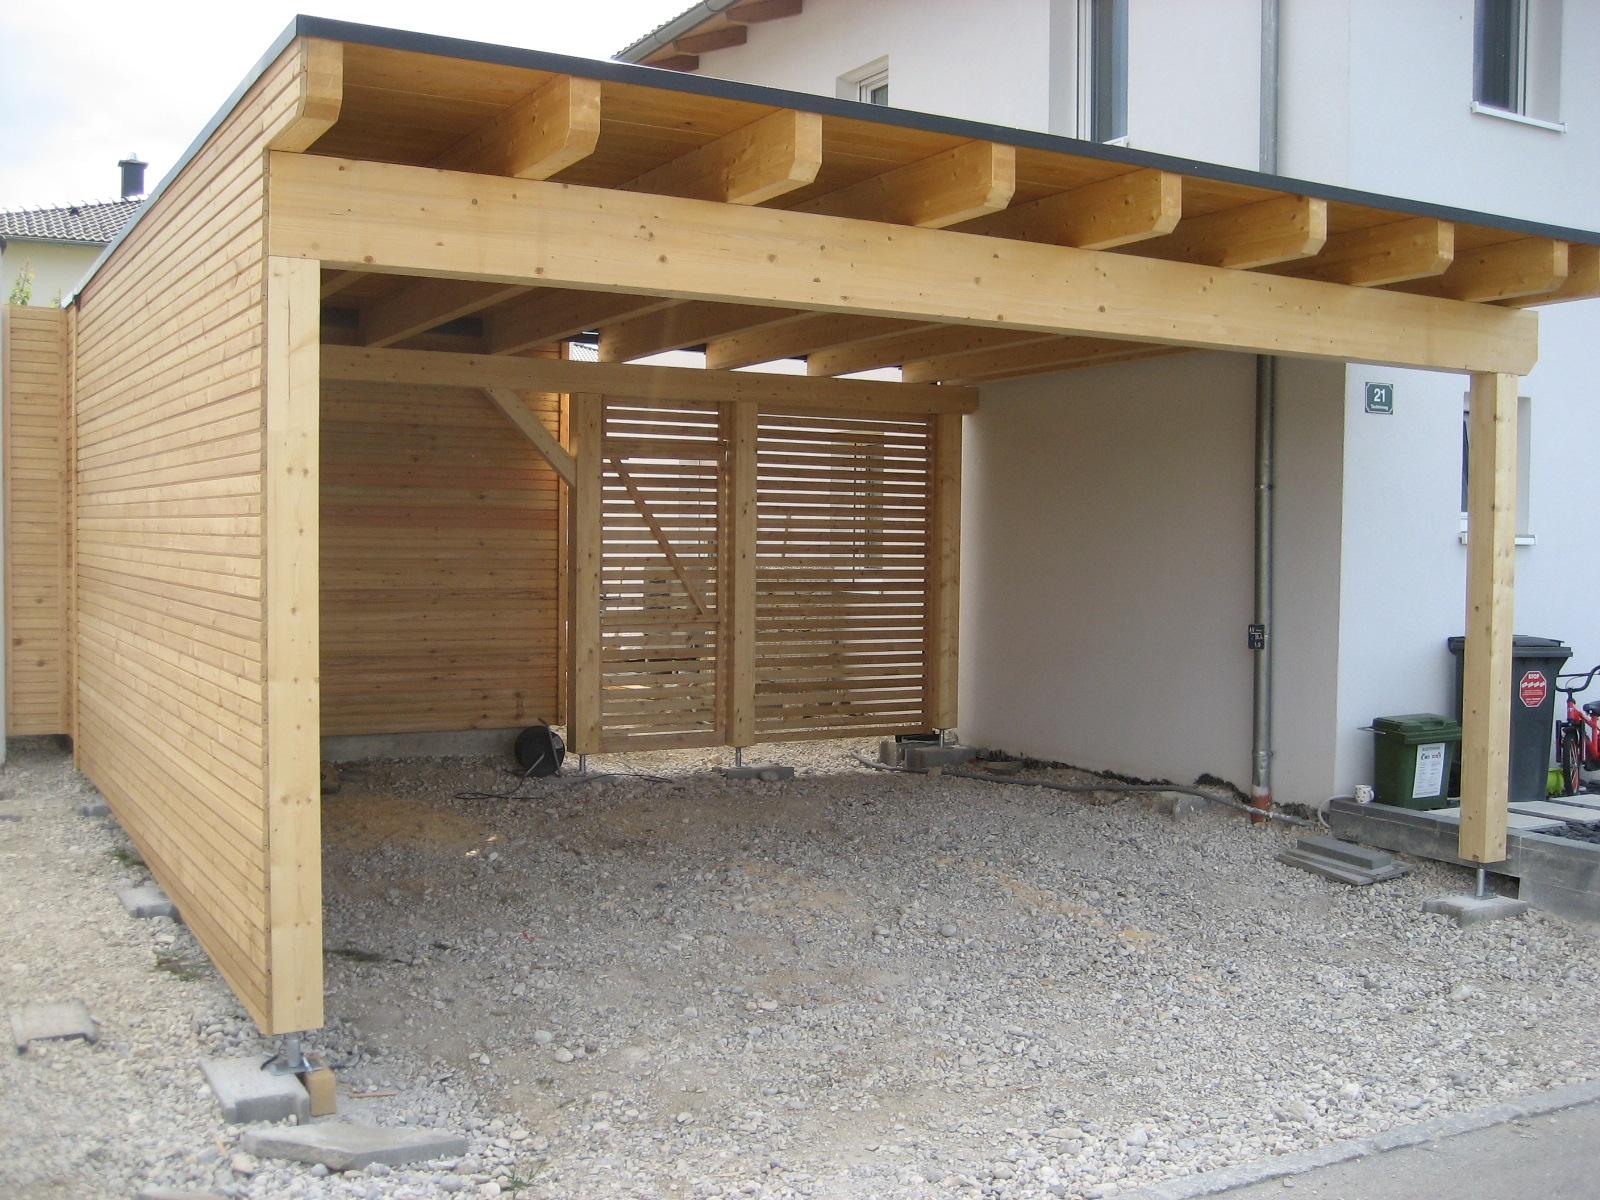 Doppelcarport mit Abstellraum sowie Eingangtür und Sichtschutz. Fassade mit Rhombus-Profil und Dacheindeckung mit Resitrik Dachfolie